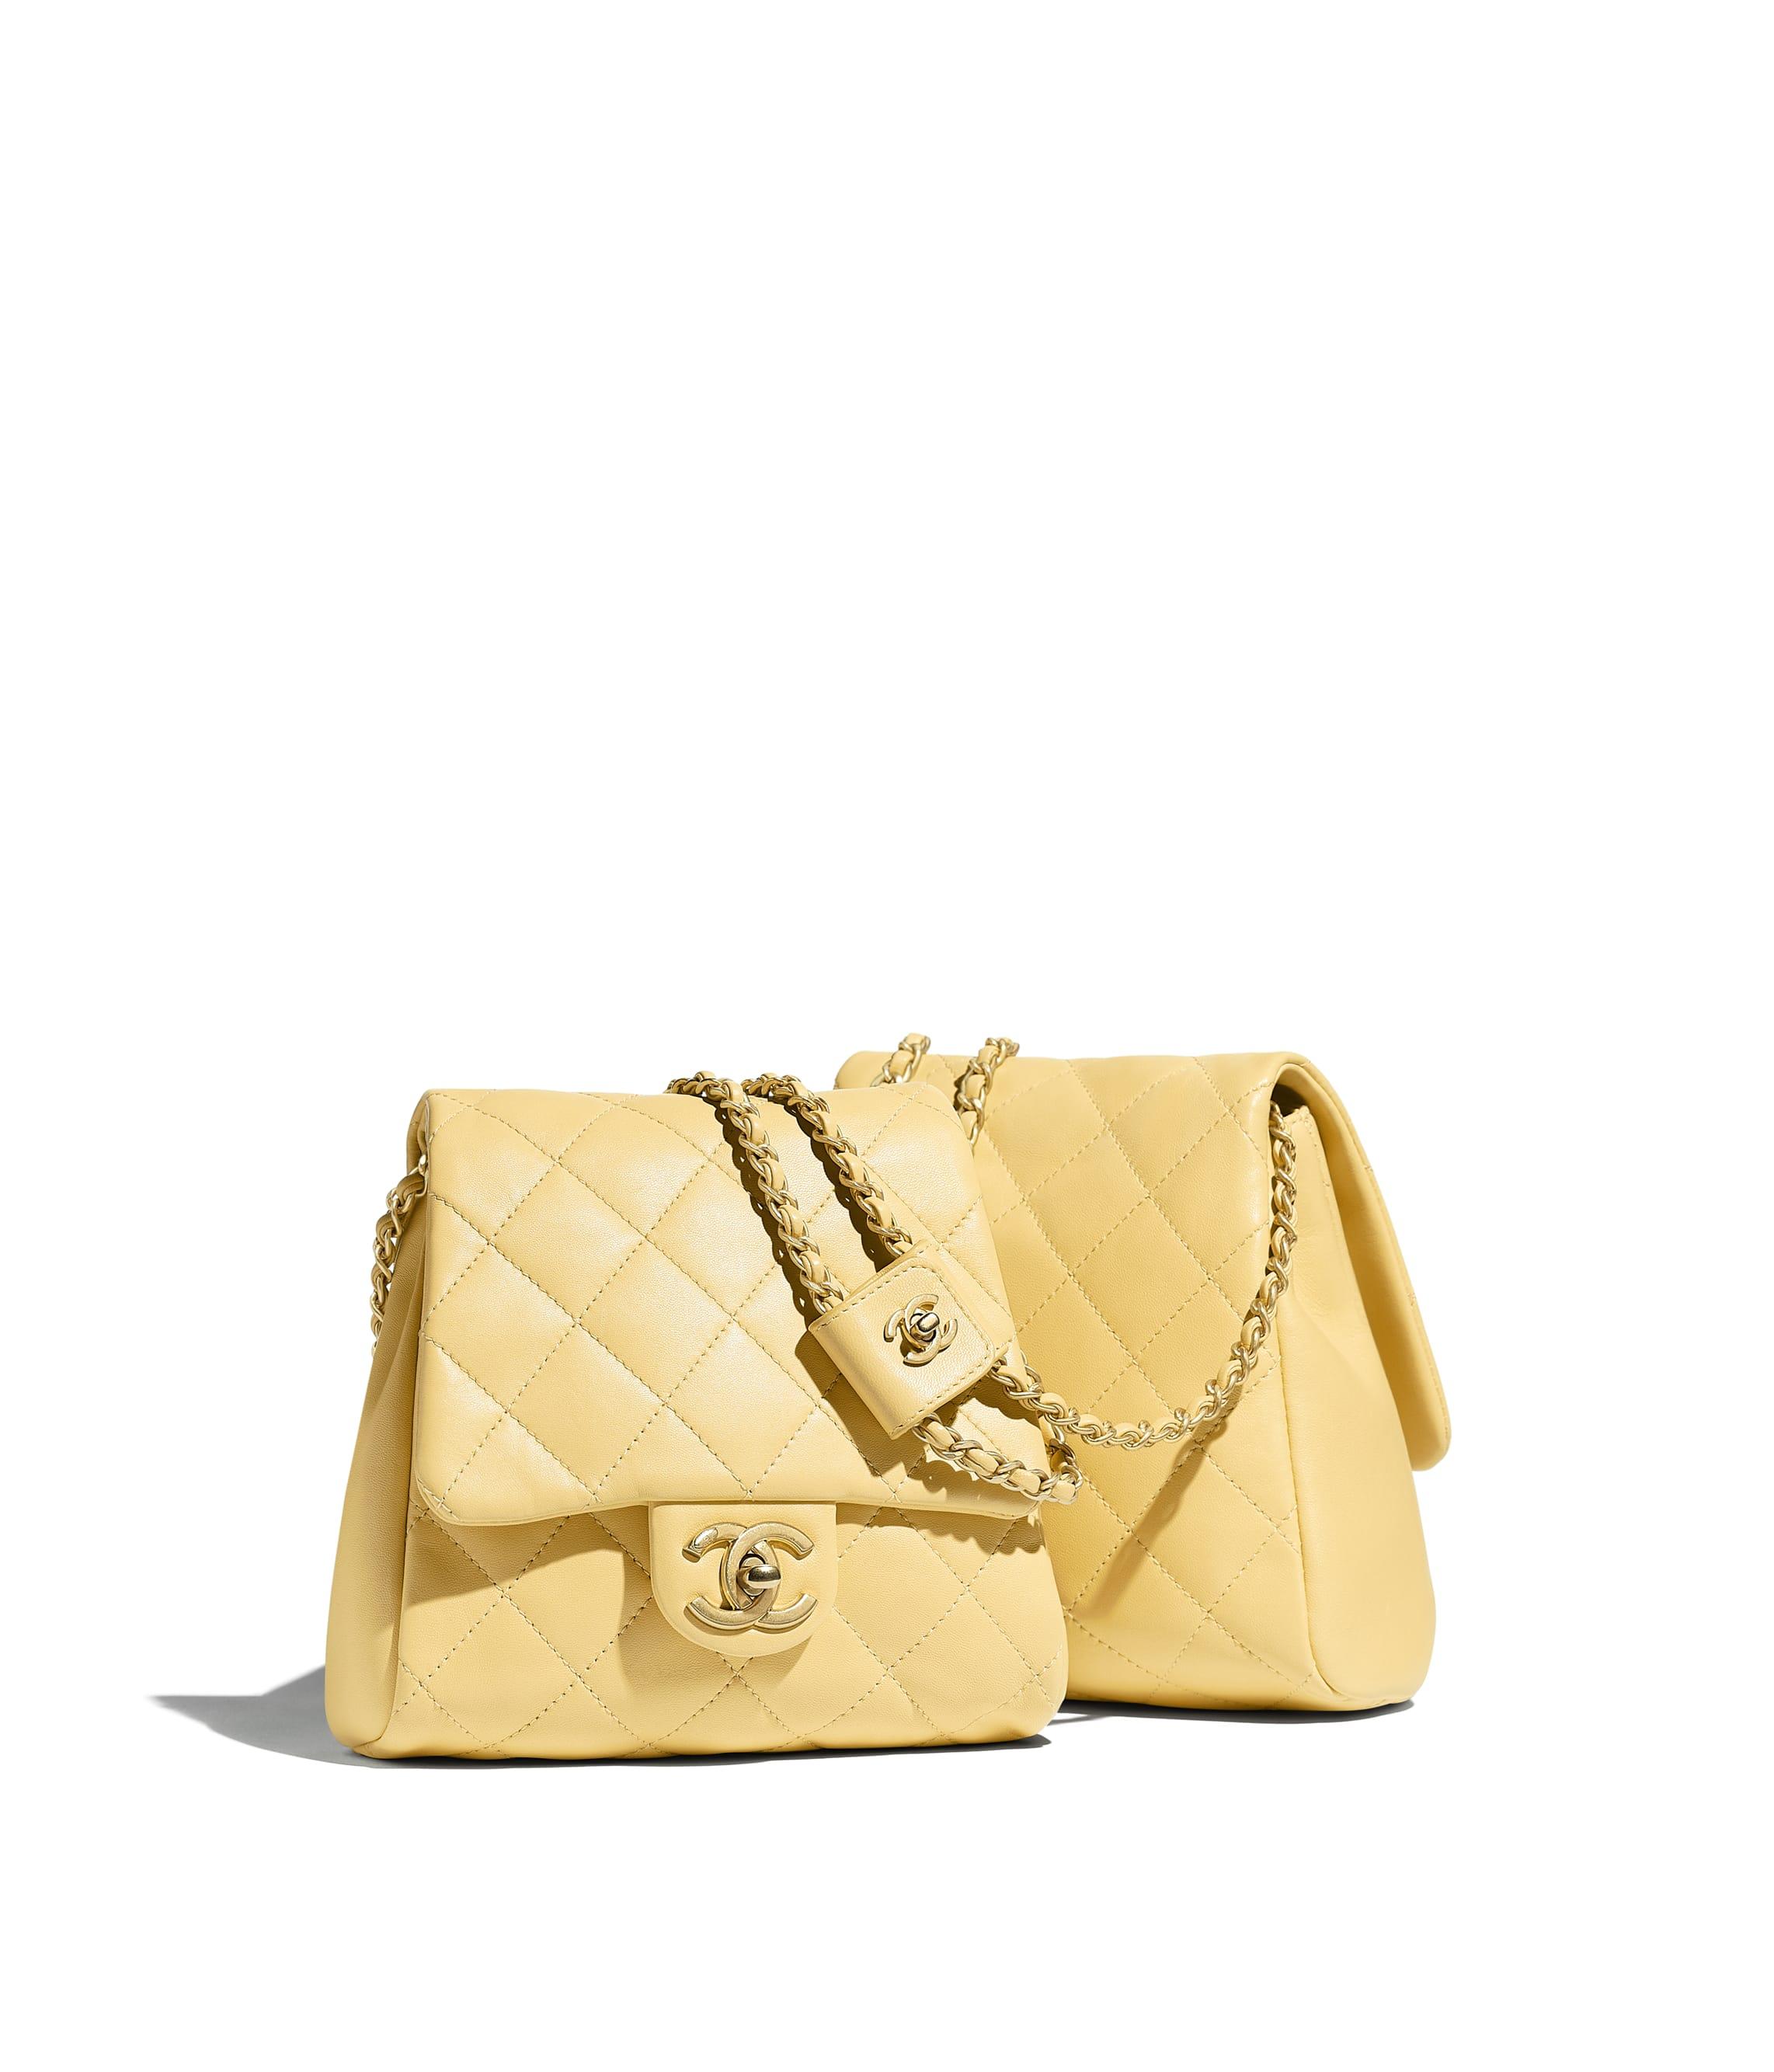 62163e838101c Handbags - CHANEL